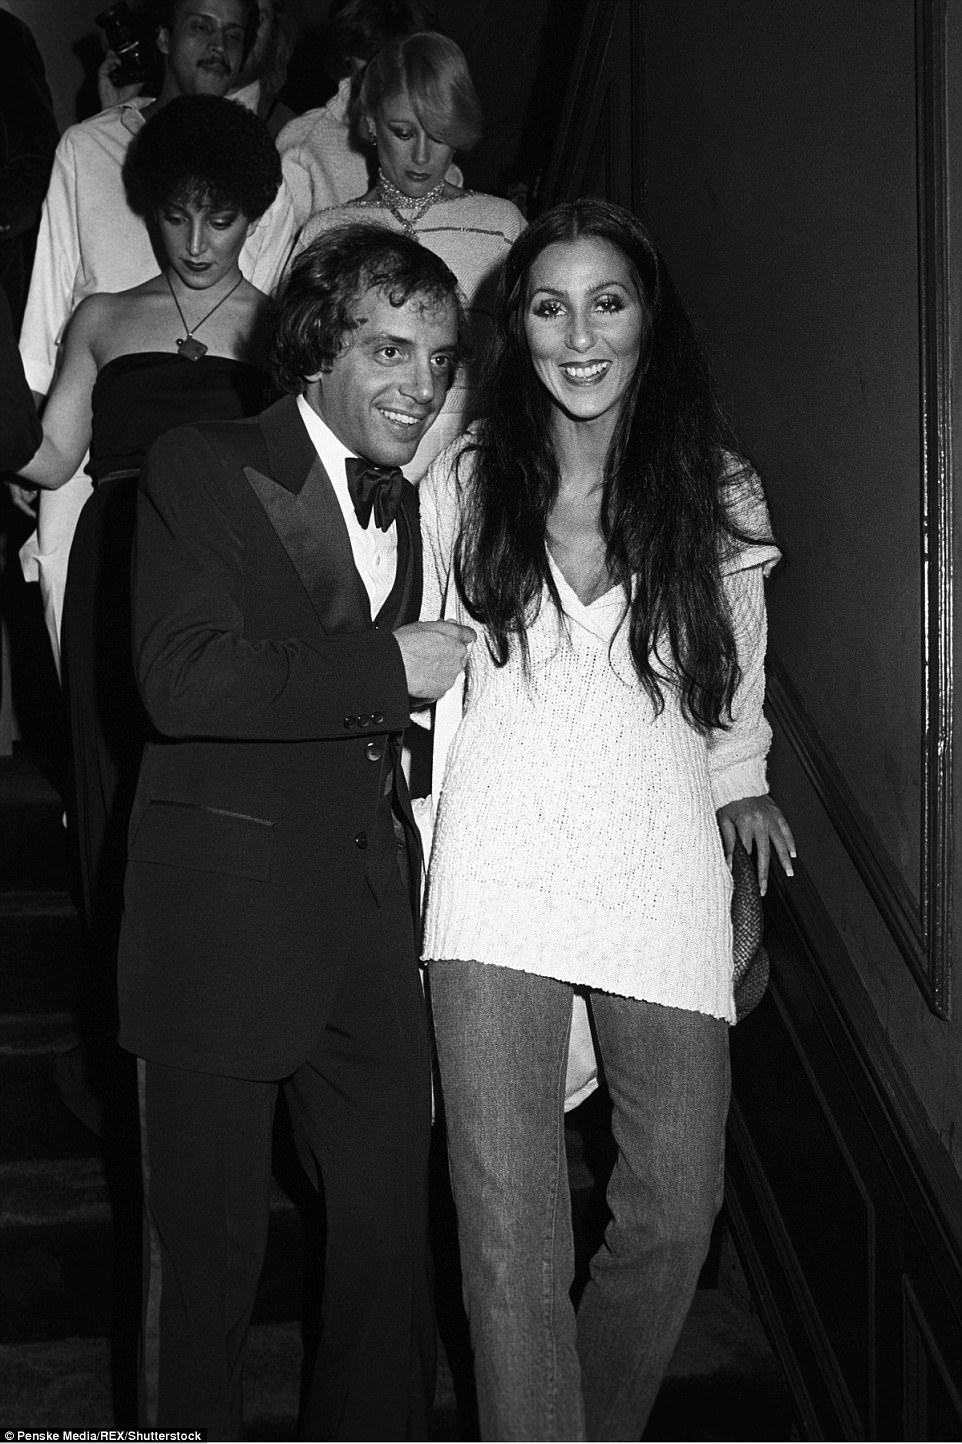 70年代美國紐約傳奇夜店「Studio 54」,政商名流性解放、嬉皮爆棚的 Disco 盛世2